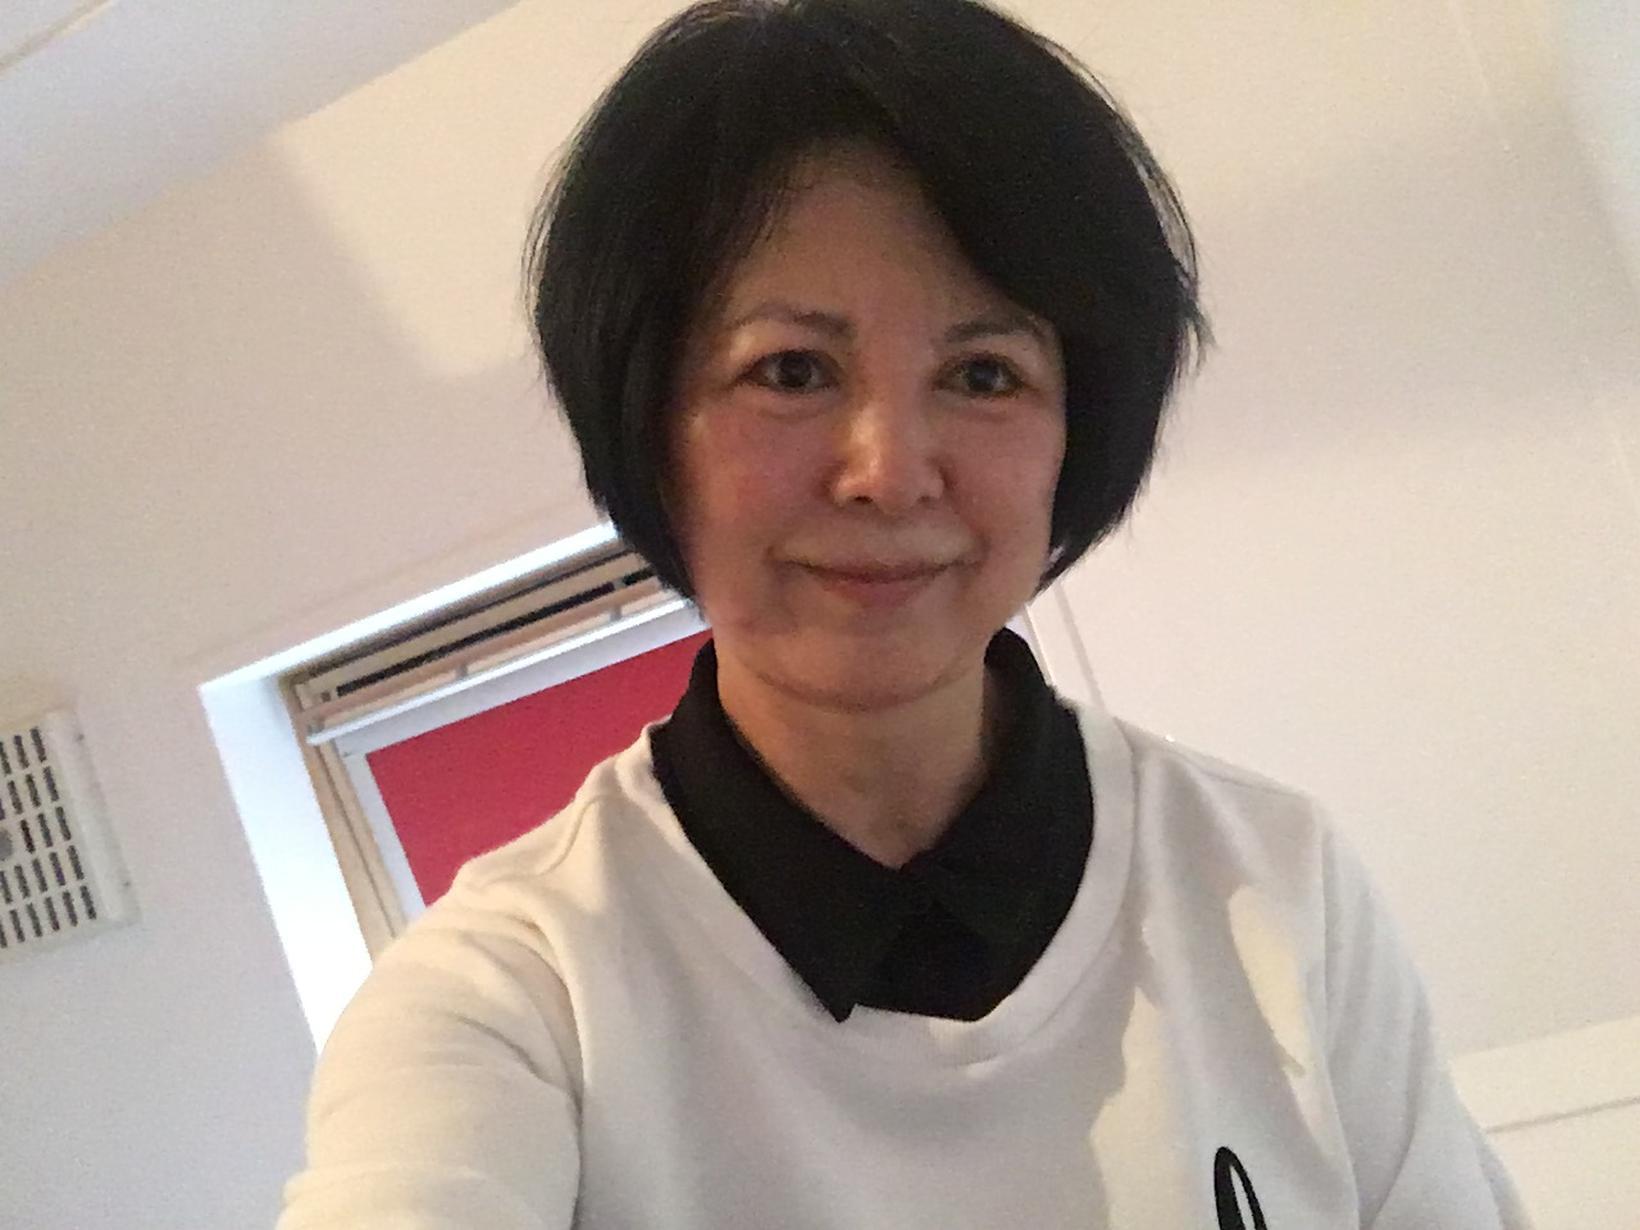 Kumiko from Sydney, New South Wales, Australia